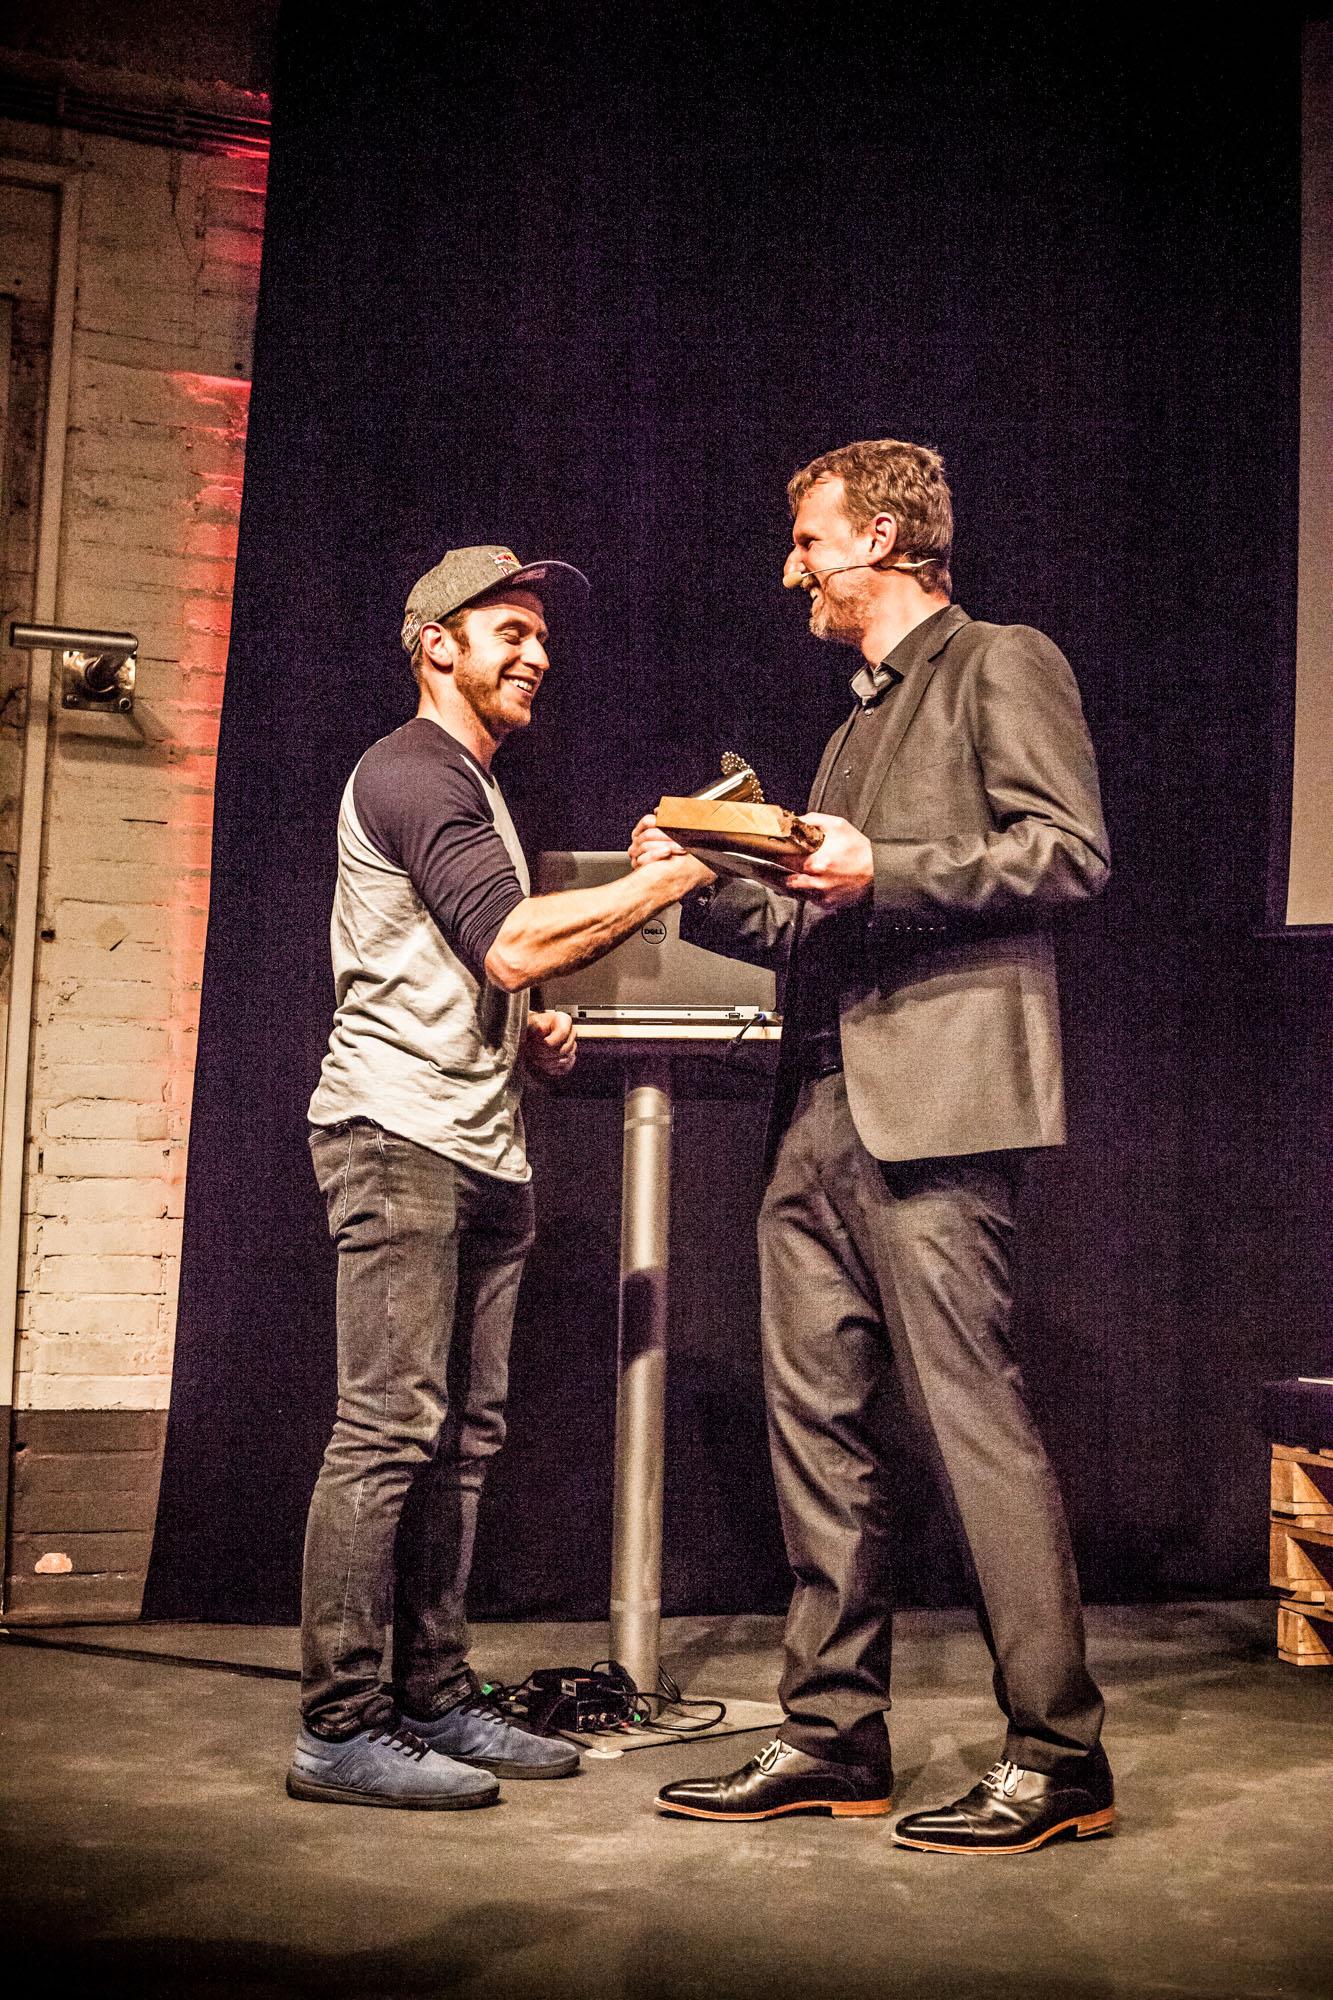 Jens Vögele überreicht Danny MacAskill den Preis zum Biker des Jahres 2015